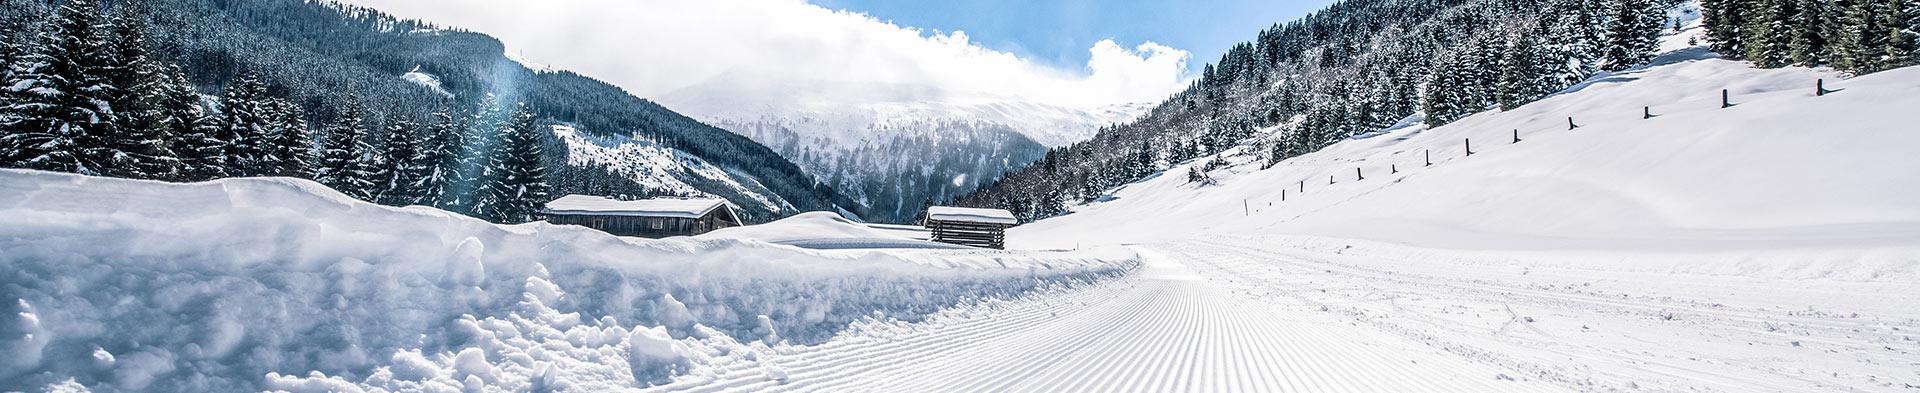 Langlaufen - Winterurlaub in Gastein